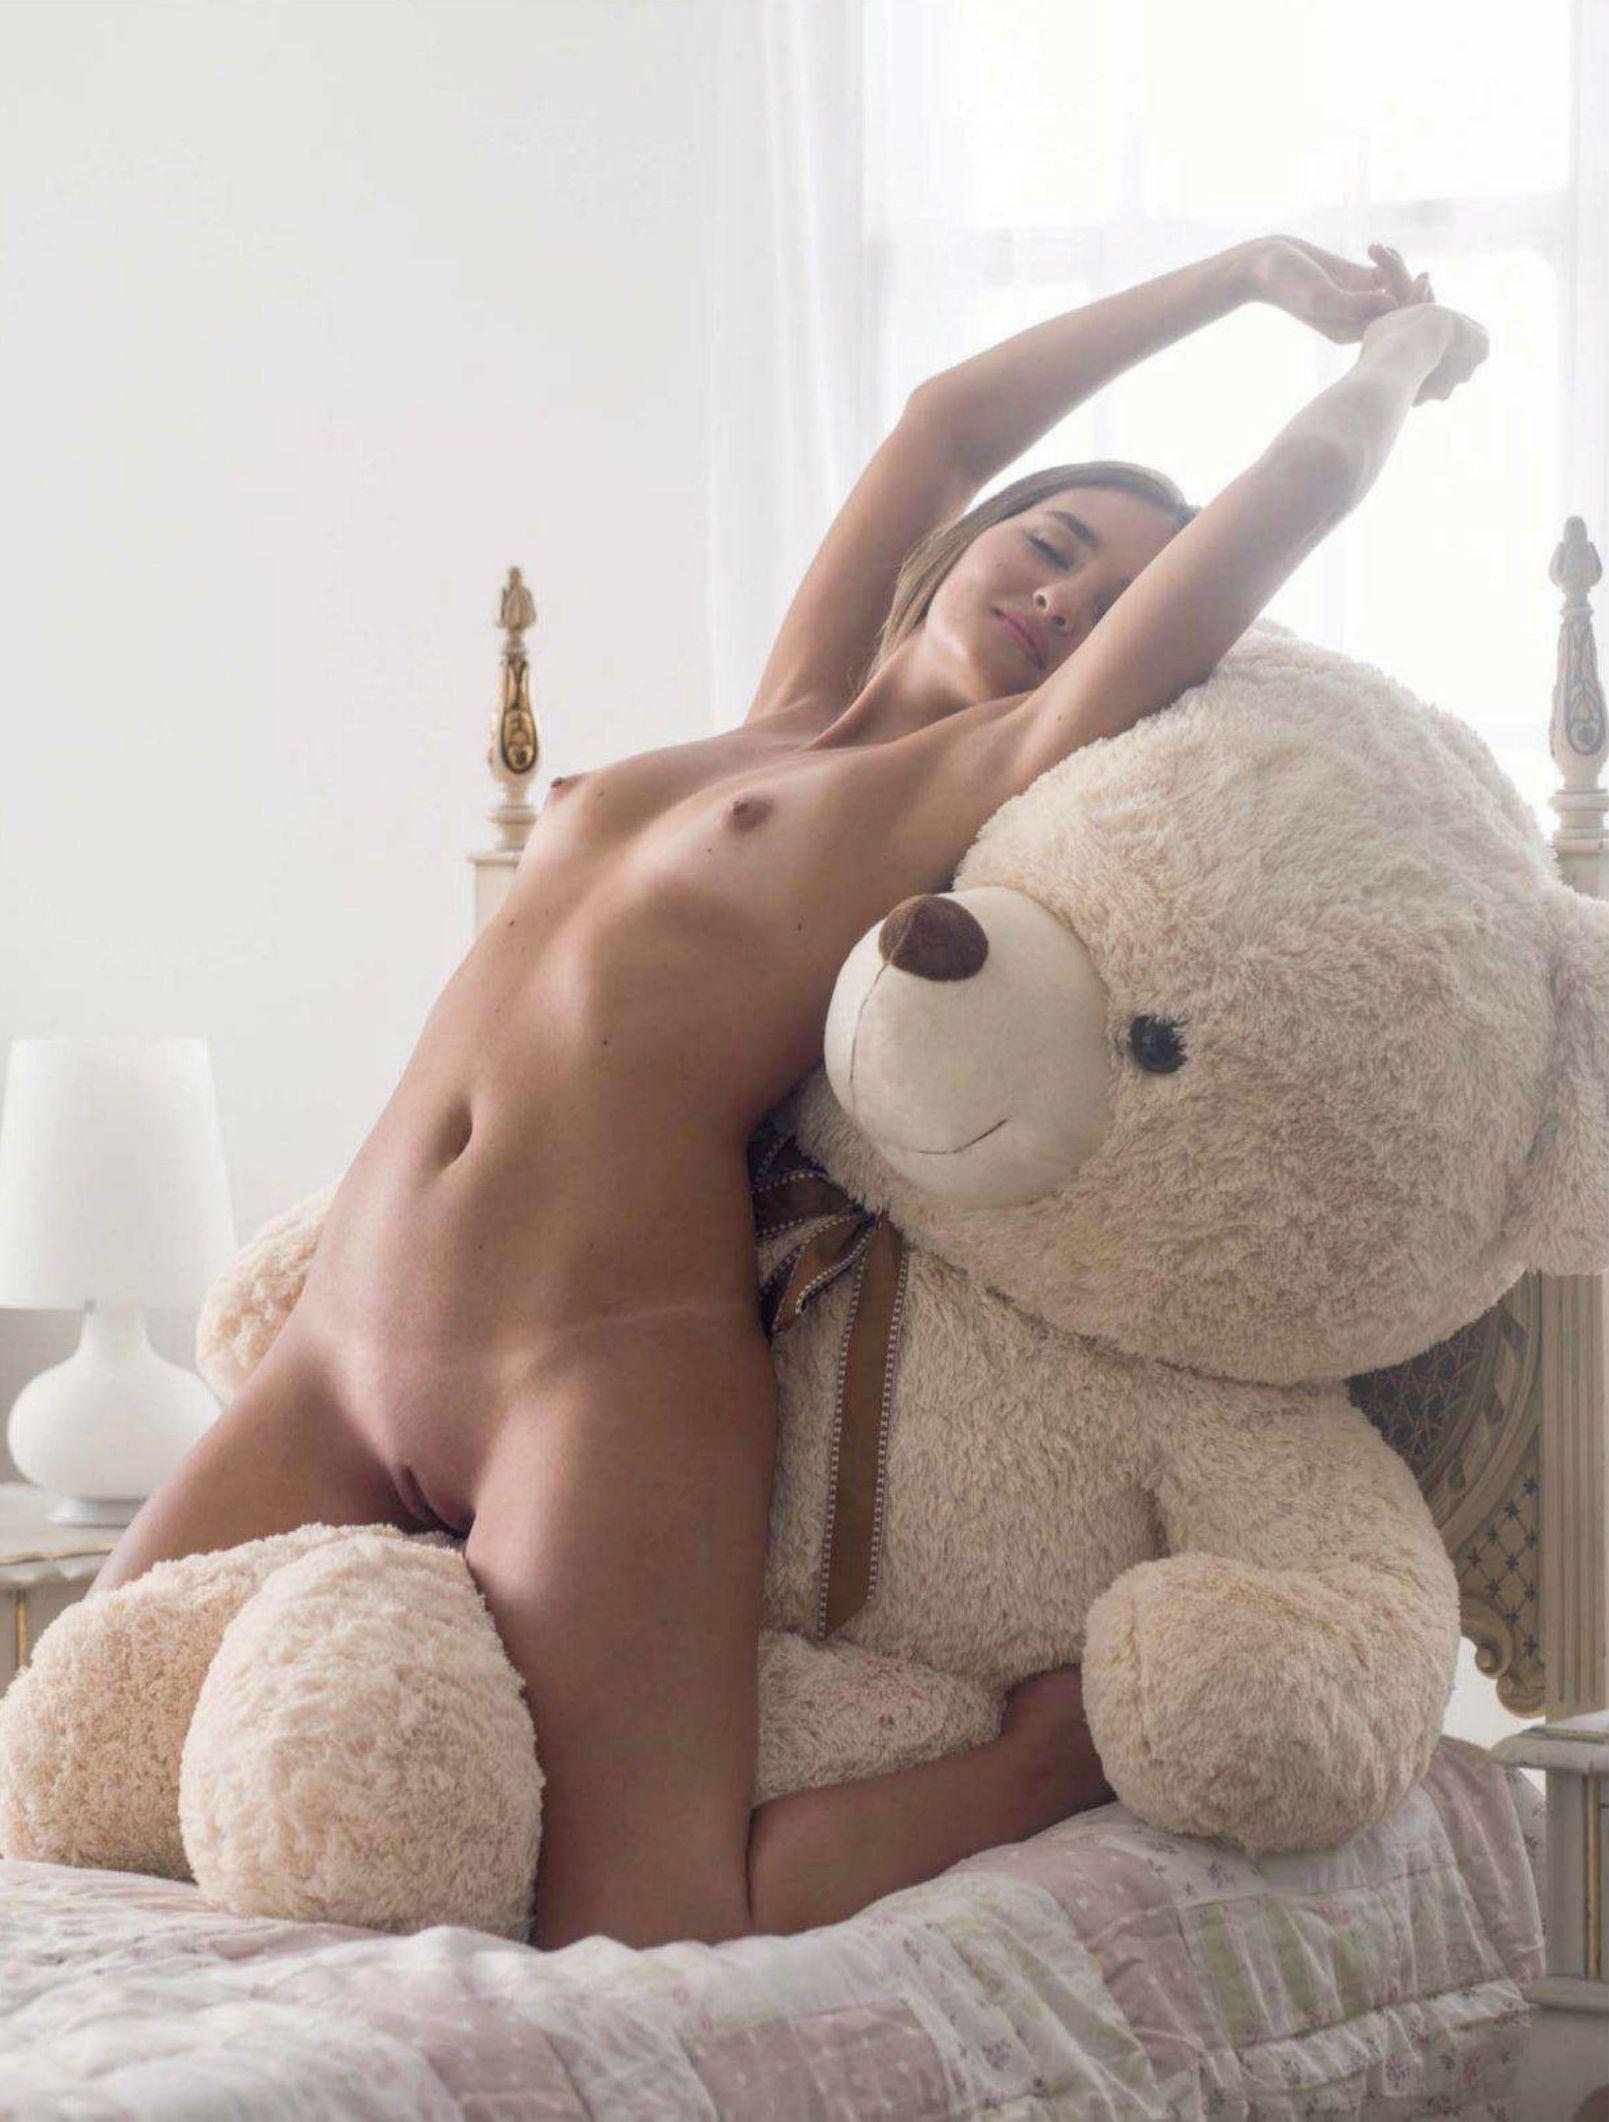 Секс с плюшевым медведем 4 фотография